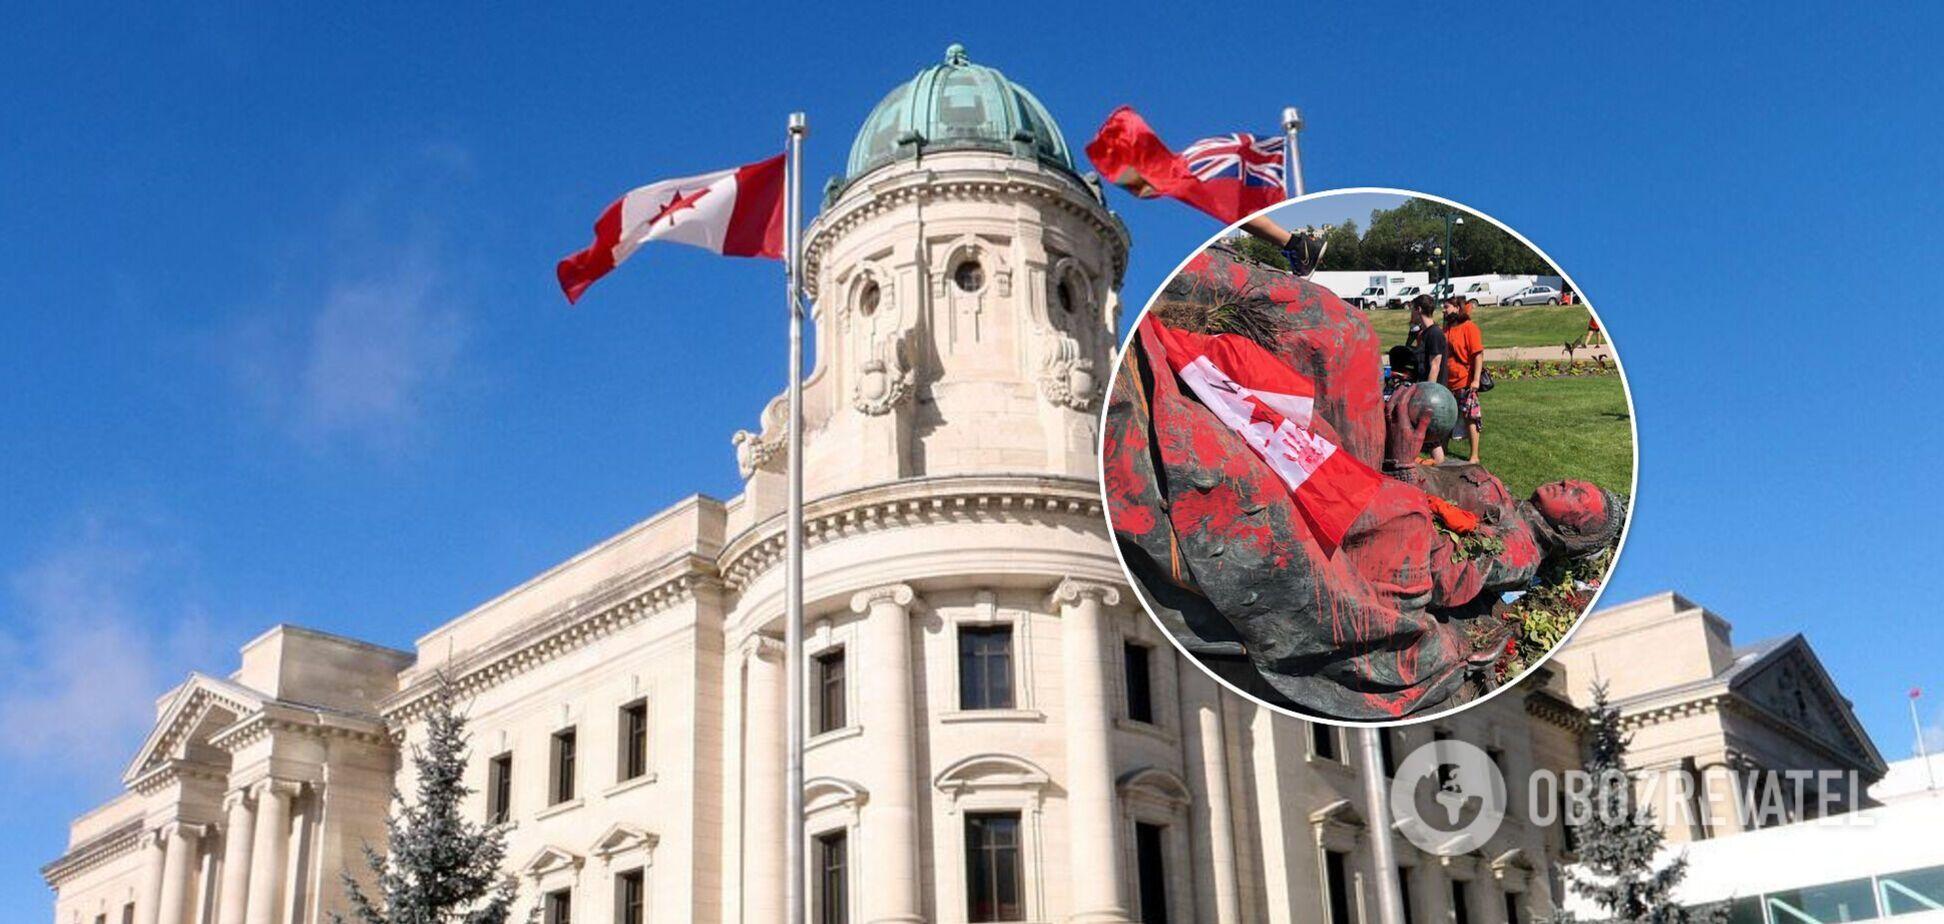 В Канаде скинули памятники Виктории и Елизавете II в знак протеста. Фото и видео